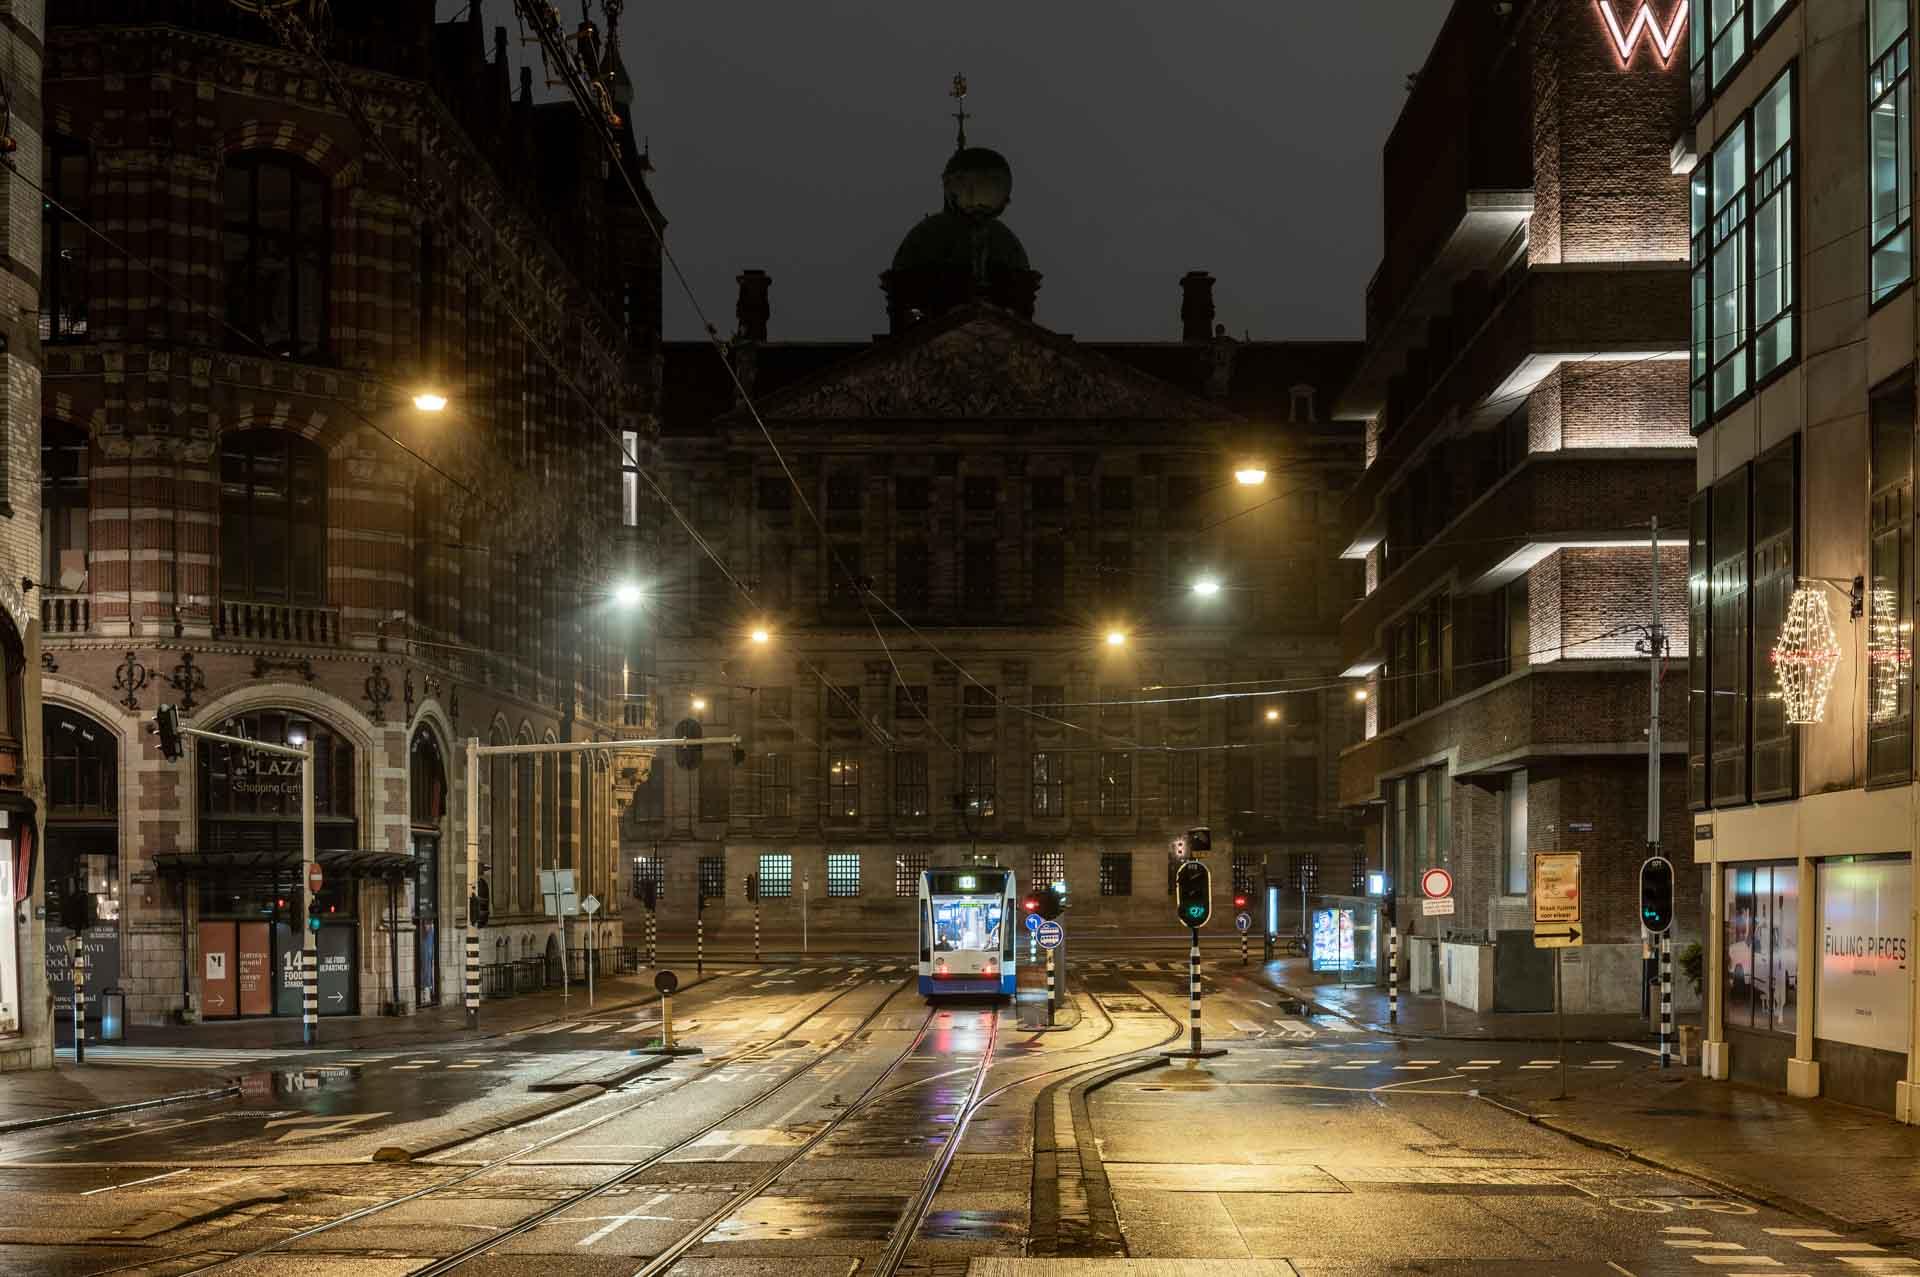 Avondklok in Amsterdam